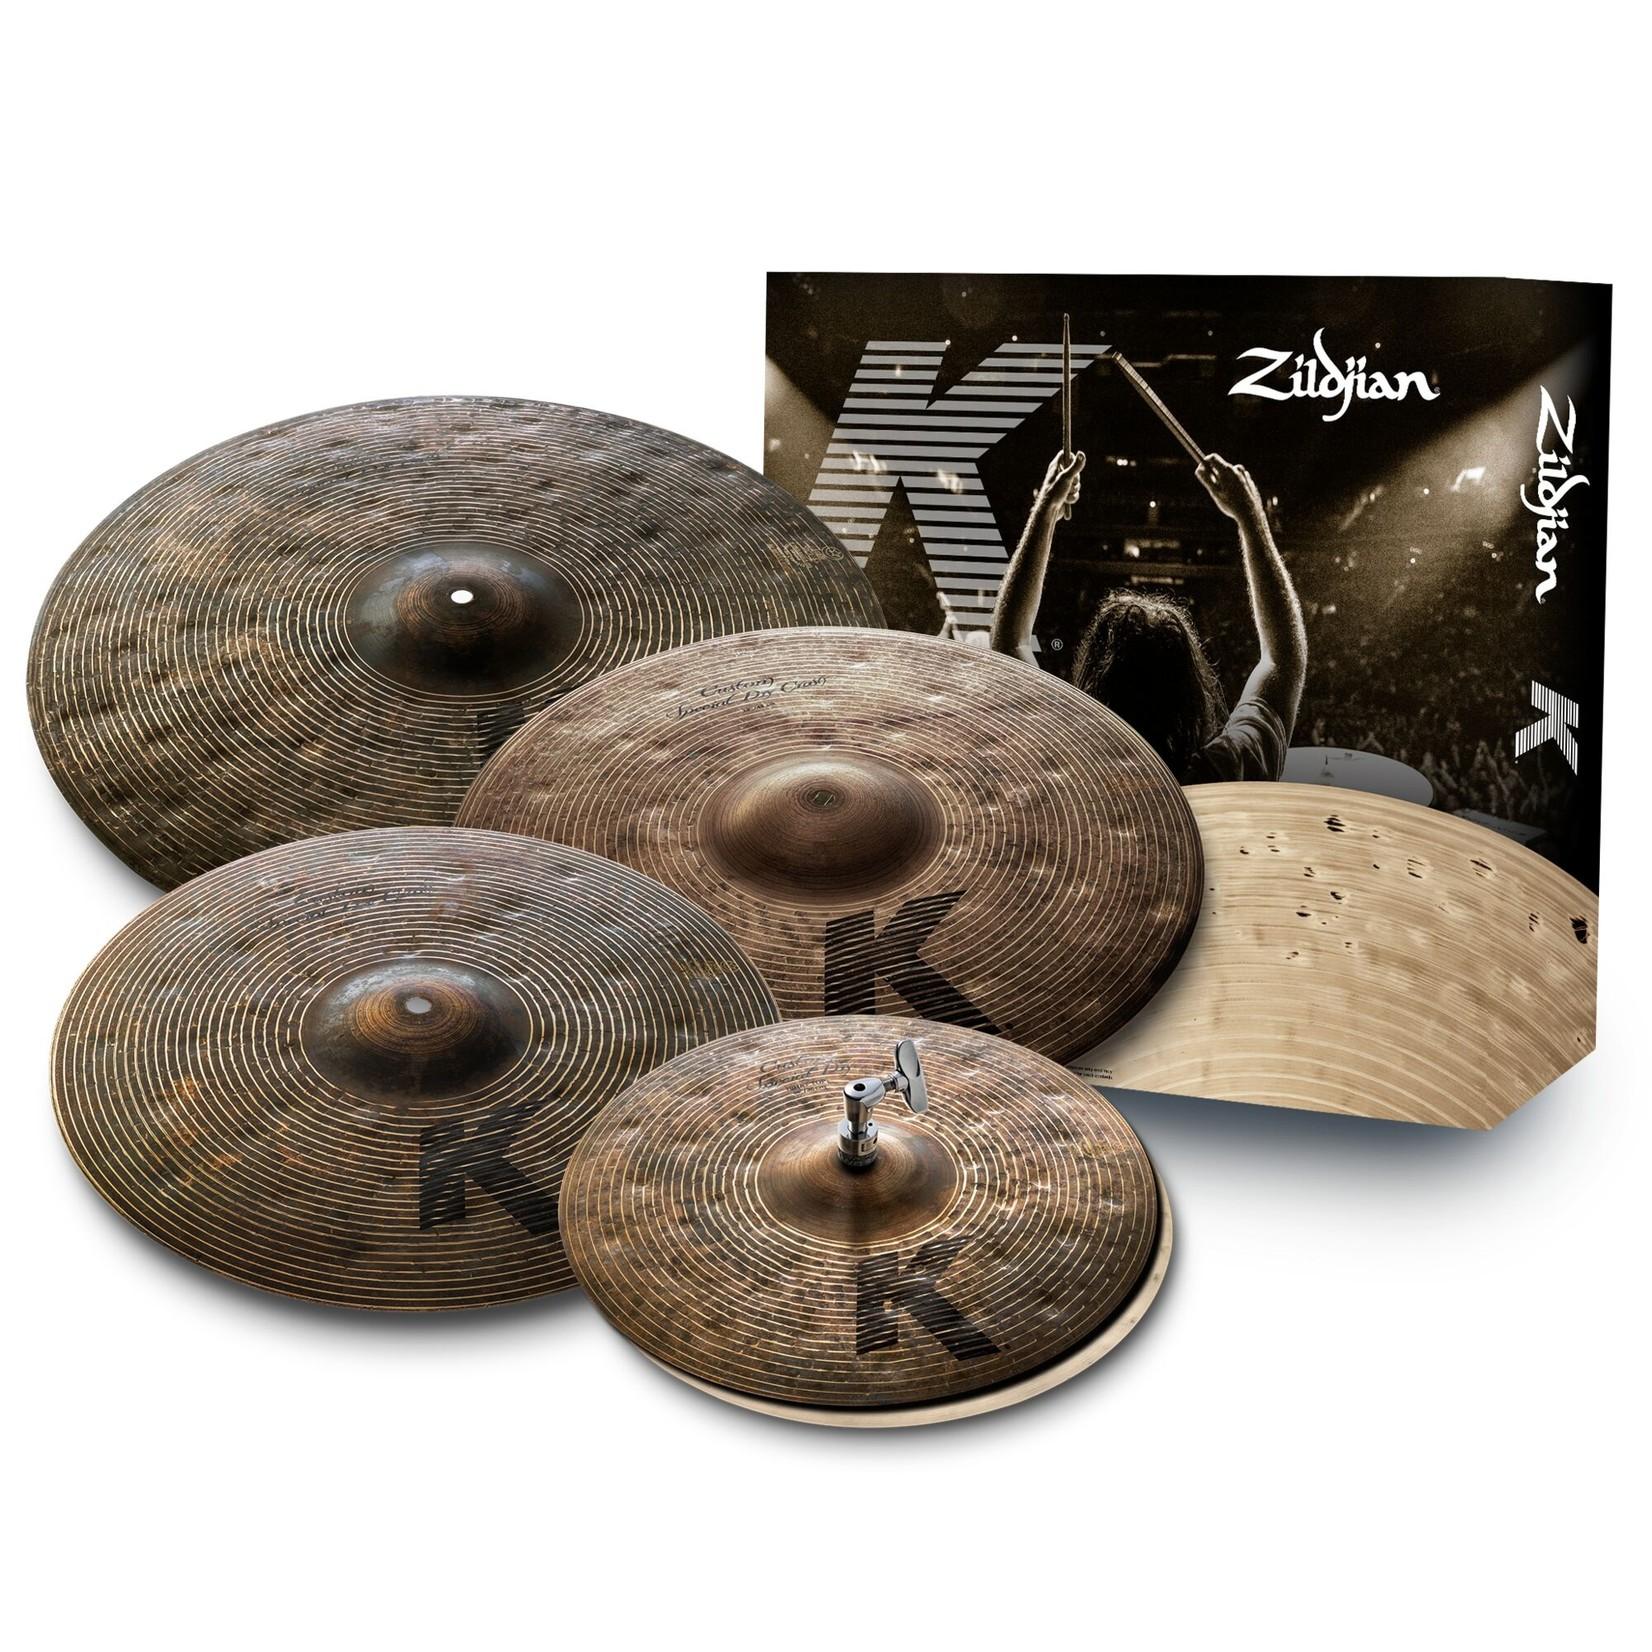 Zildjian Zildjian K Custom Special Dry Cymbal Pack